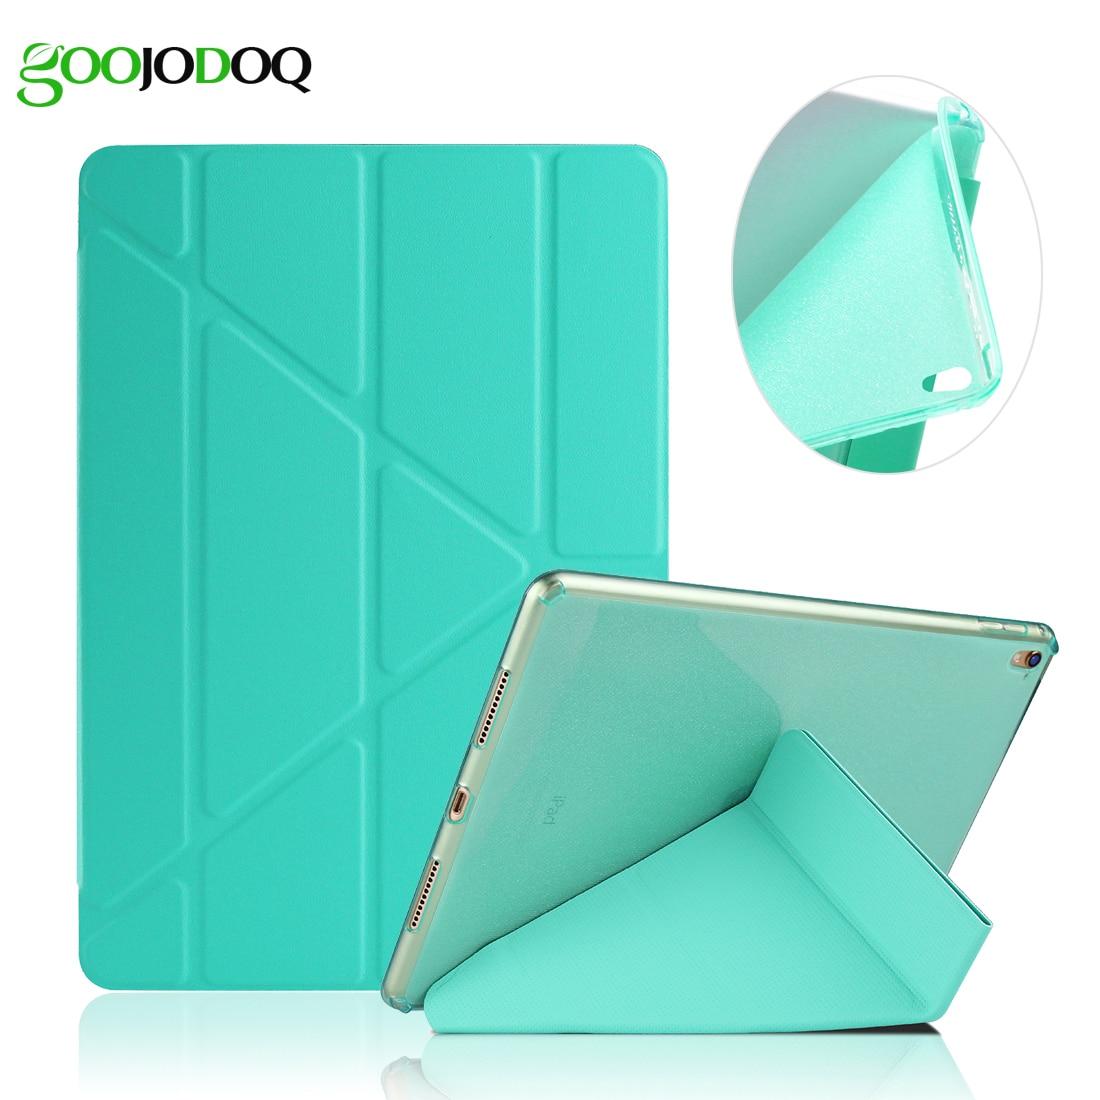 עבור iPad Air 2 מקרה 1 עם סיליקון גליטר רך כיסוי חכם בחזרה עבור iPad Mini 1 2 3 PU עור שנאים Tablet מקרה